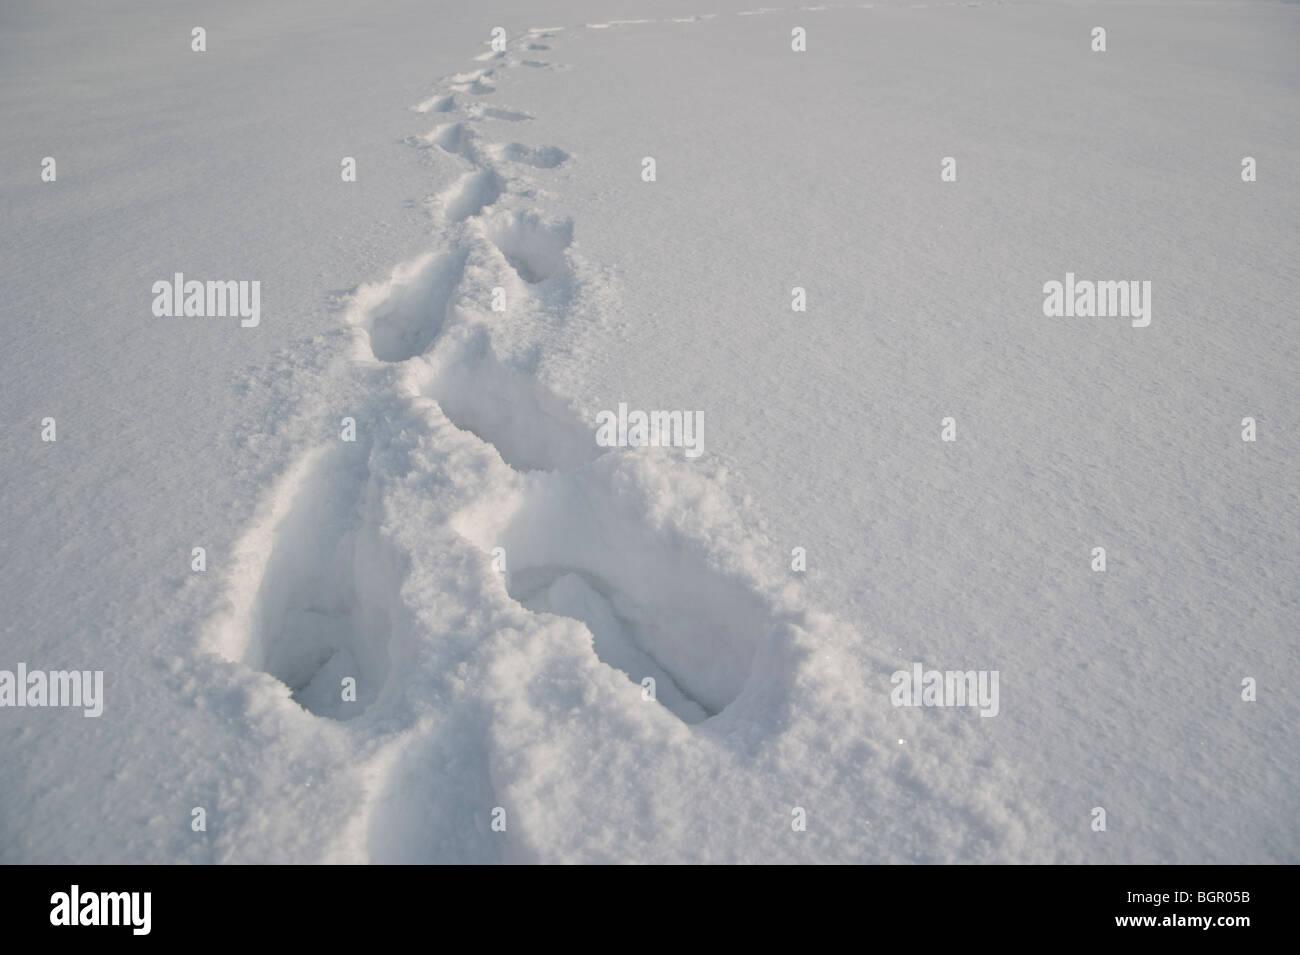 Human footprints in fresh snow, Jelenia Gora, Poland. Stock Photo